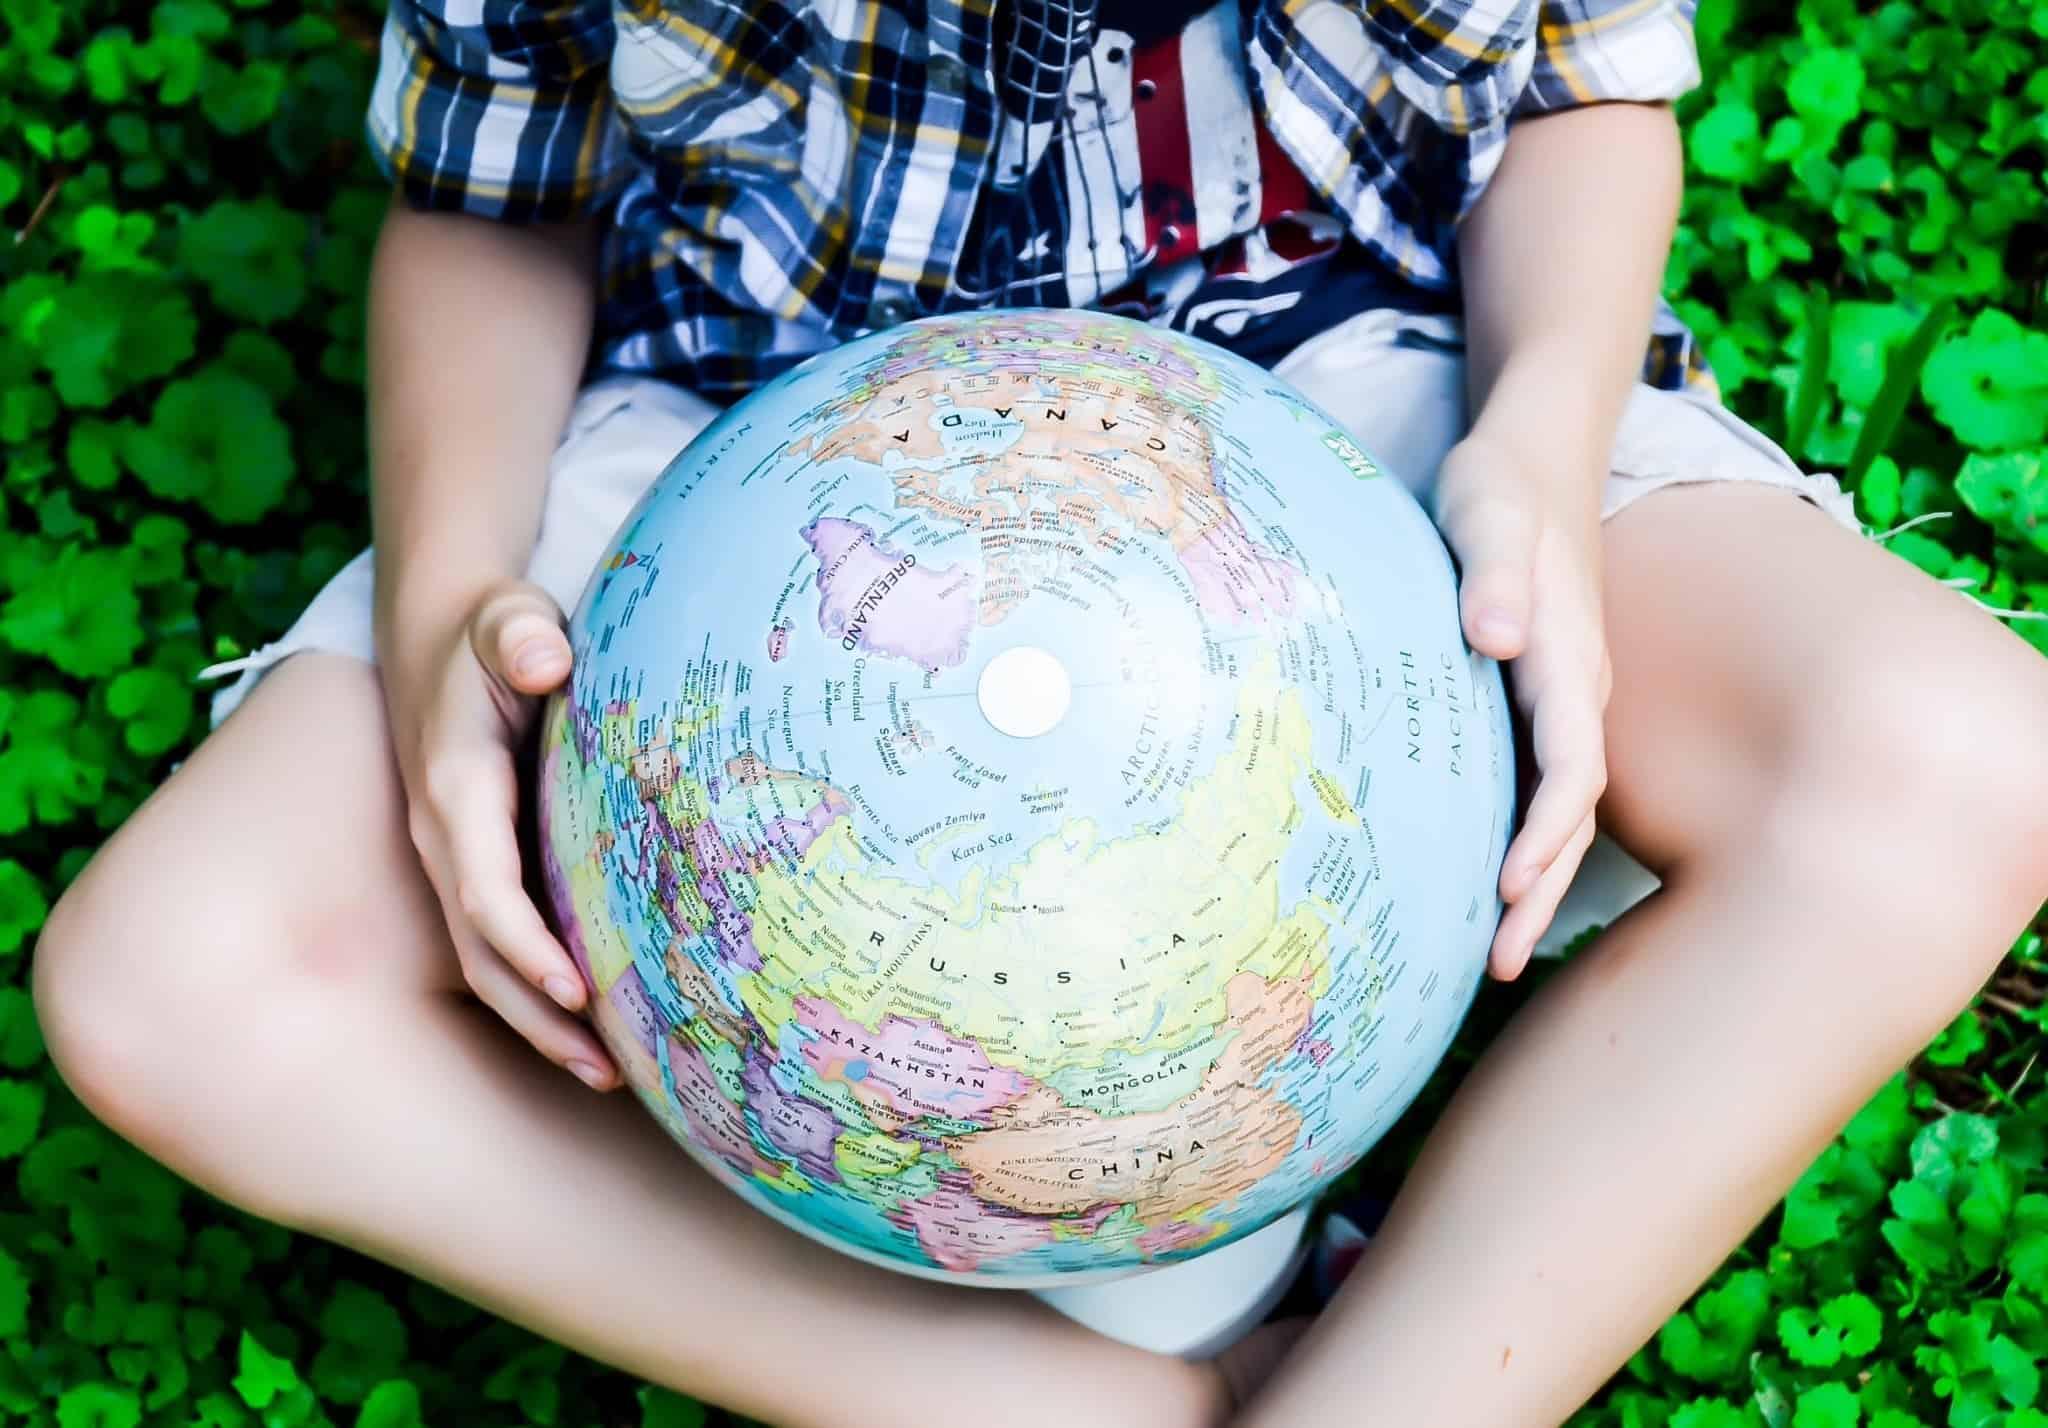 jovem rapaz, sentado na relva bem verde, segura nas mãos, entre as pernas, um globo com o mapa mundo.